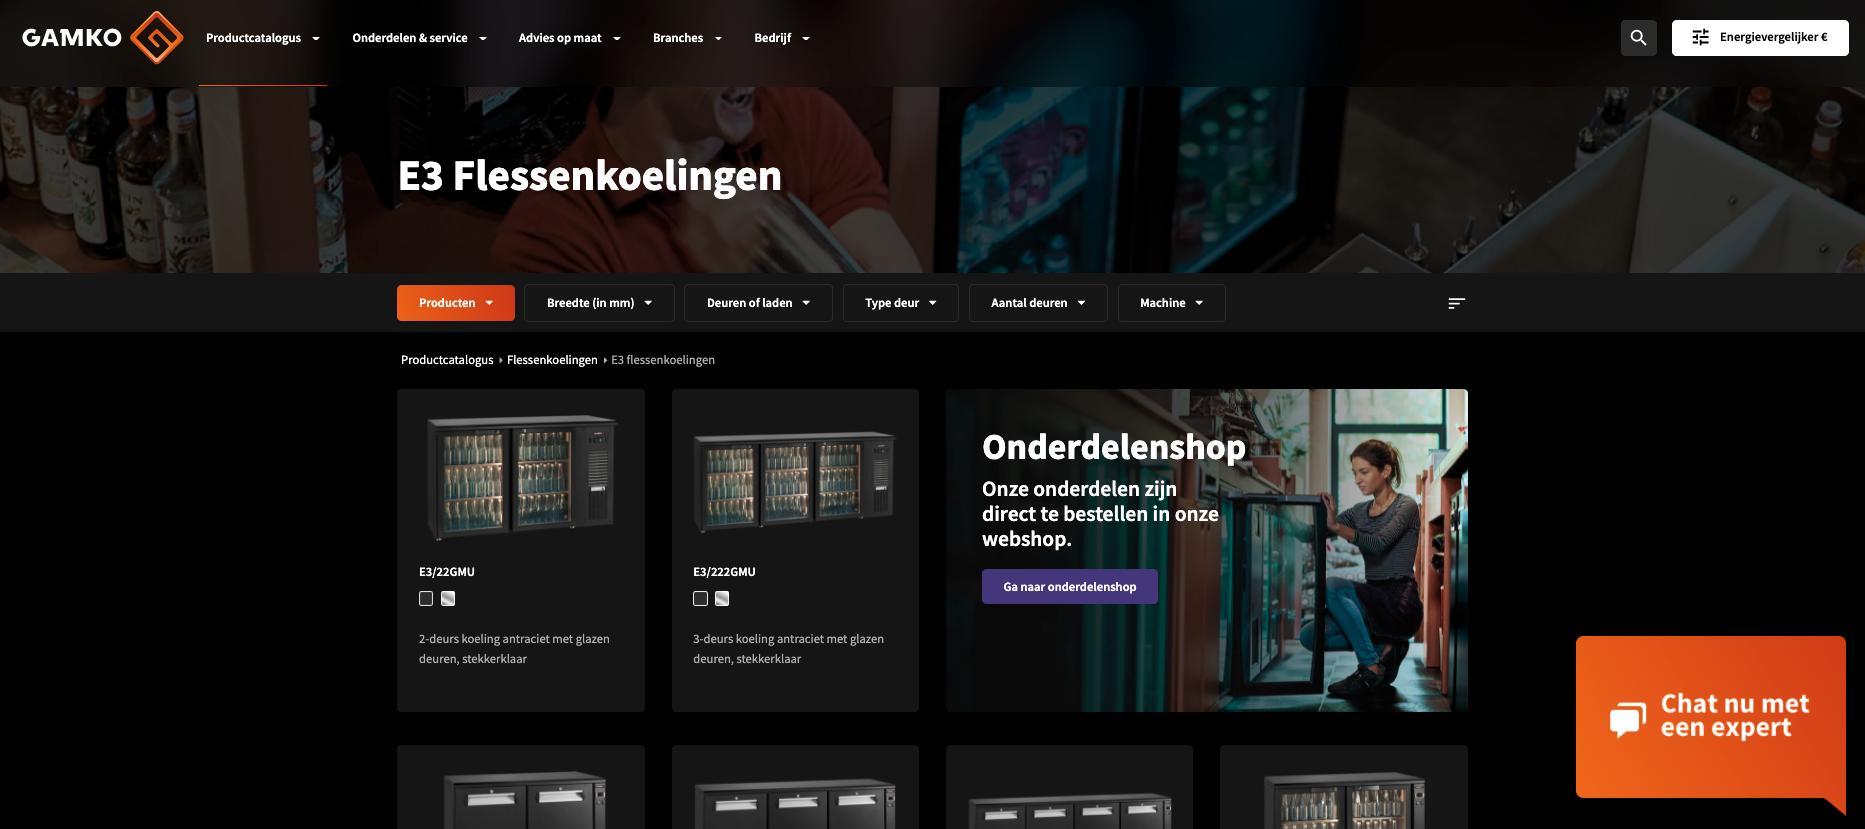 Gamko voorbeeld B2B Webshop gemaakt door Jelba b2b online marketing